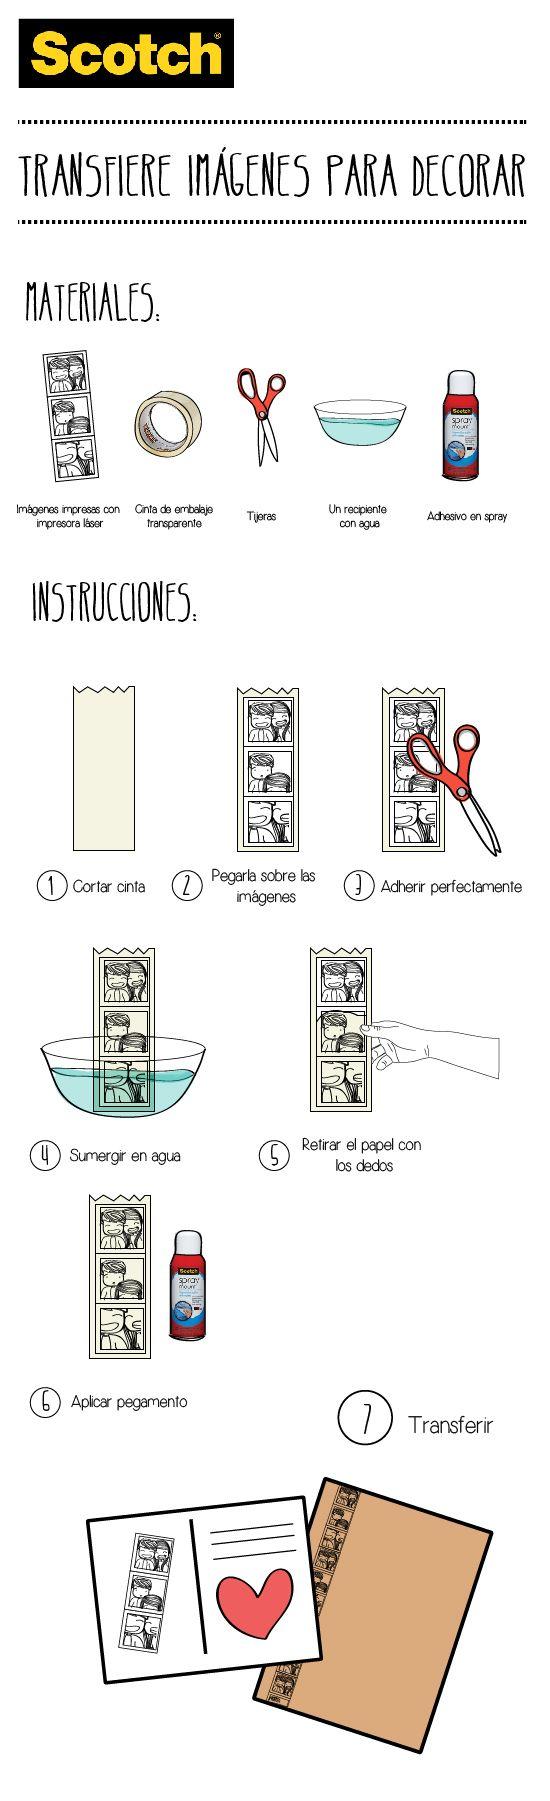 Ideas, Manualidades y Scrapbooking:Transfiere fotos con cinta adhesiva Scotch® | Scotch® México